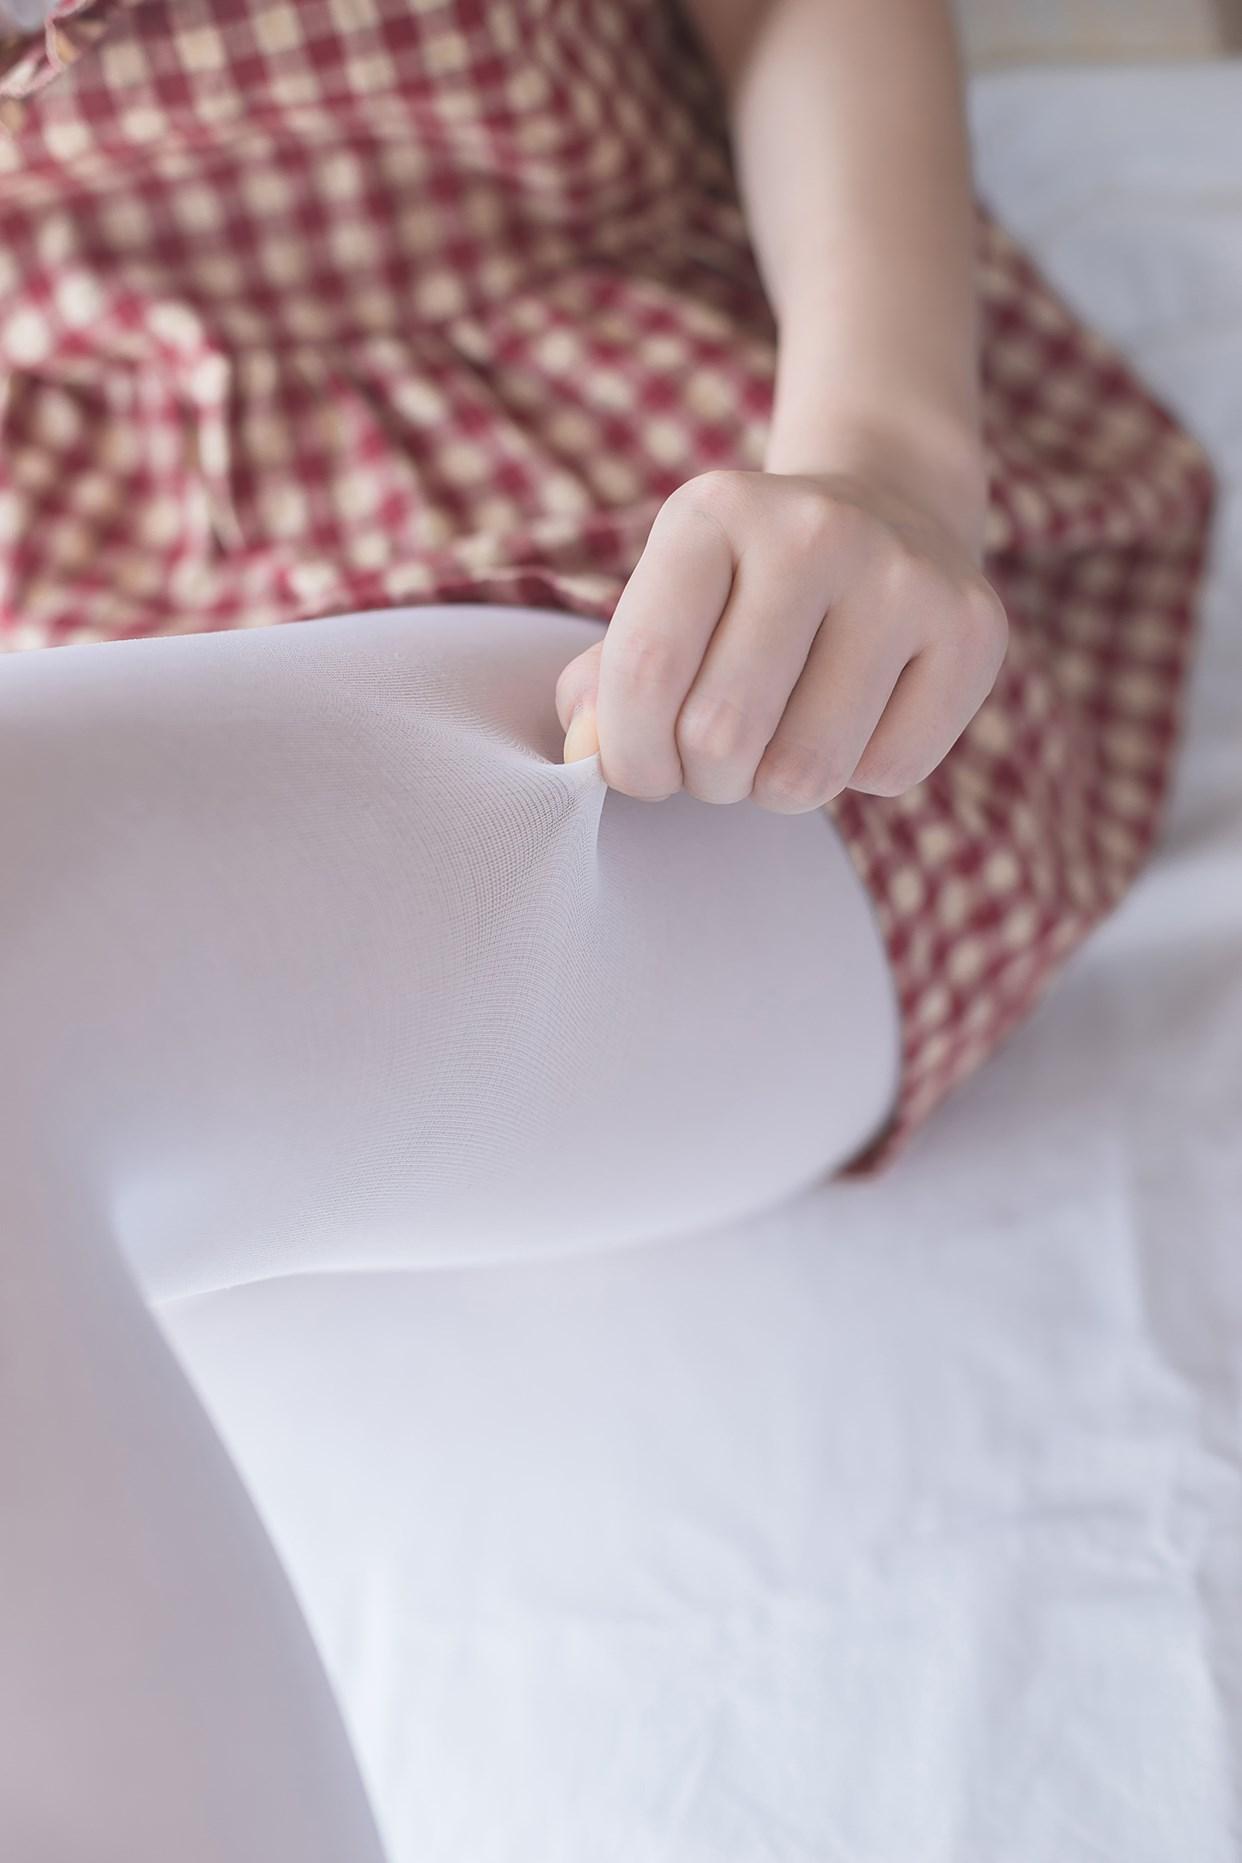 【兔玩映画】萝莉的白丝袜 兔玩映画 第60张